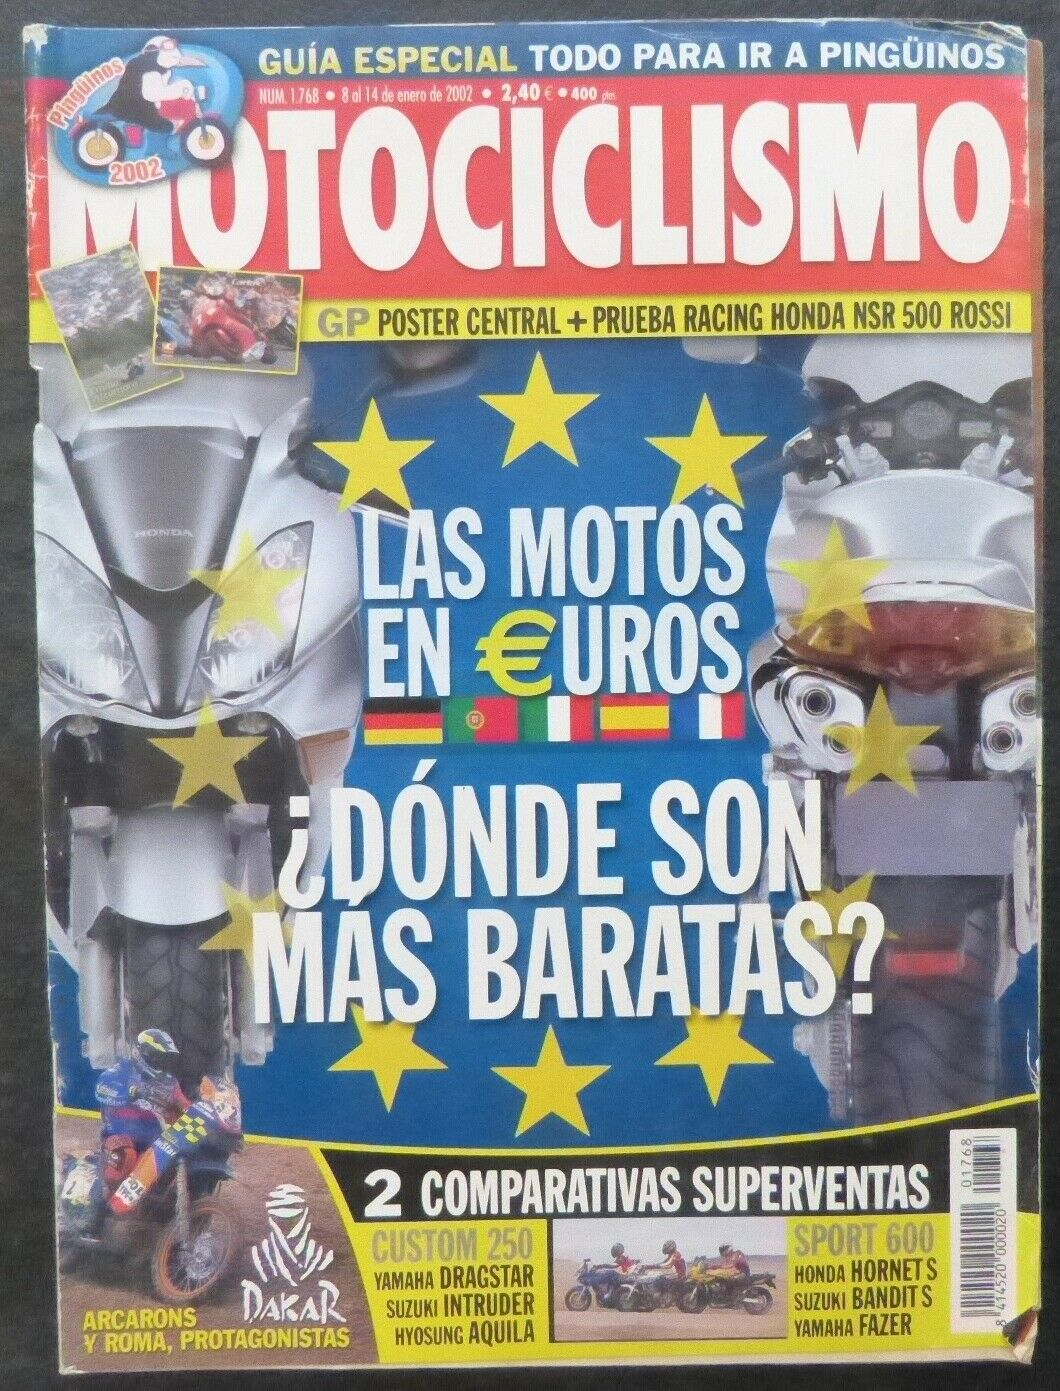 REVISTA MOTOCICLISMO,AÑO 2002,NUMERO 1768, Las motos en €uros ?Donde mas baratas